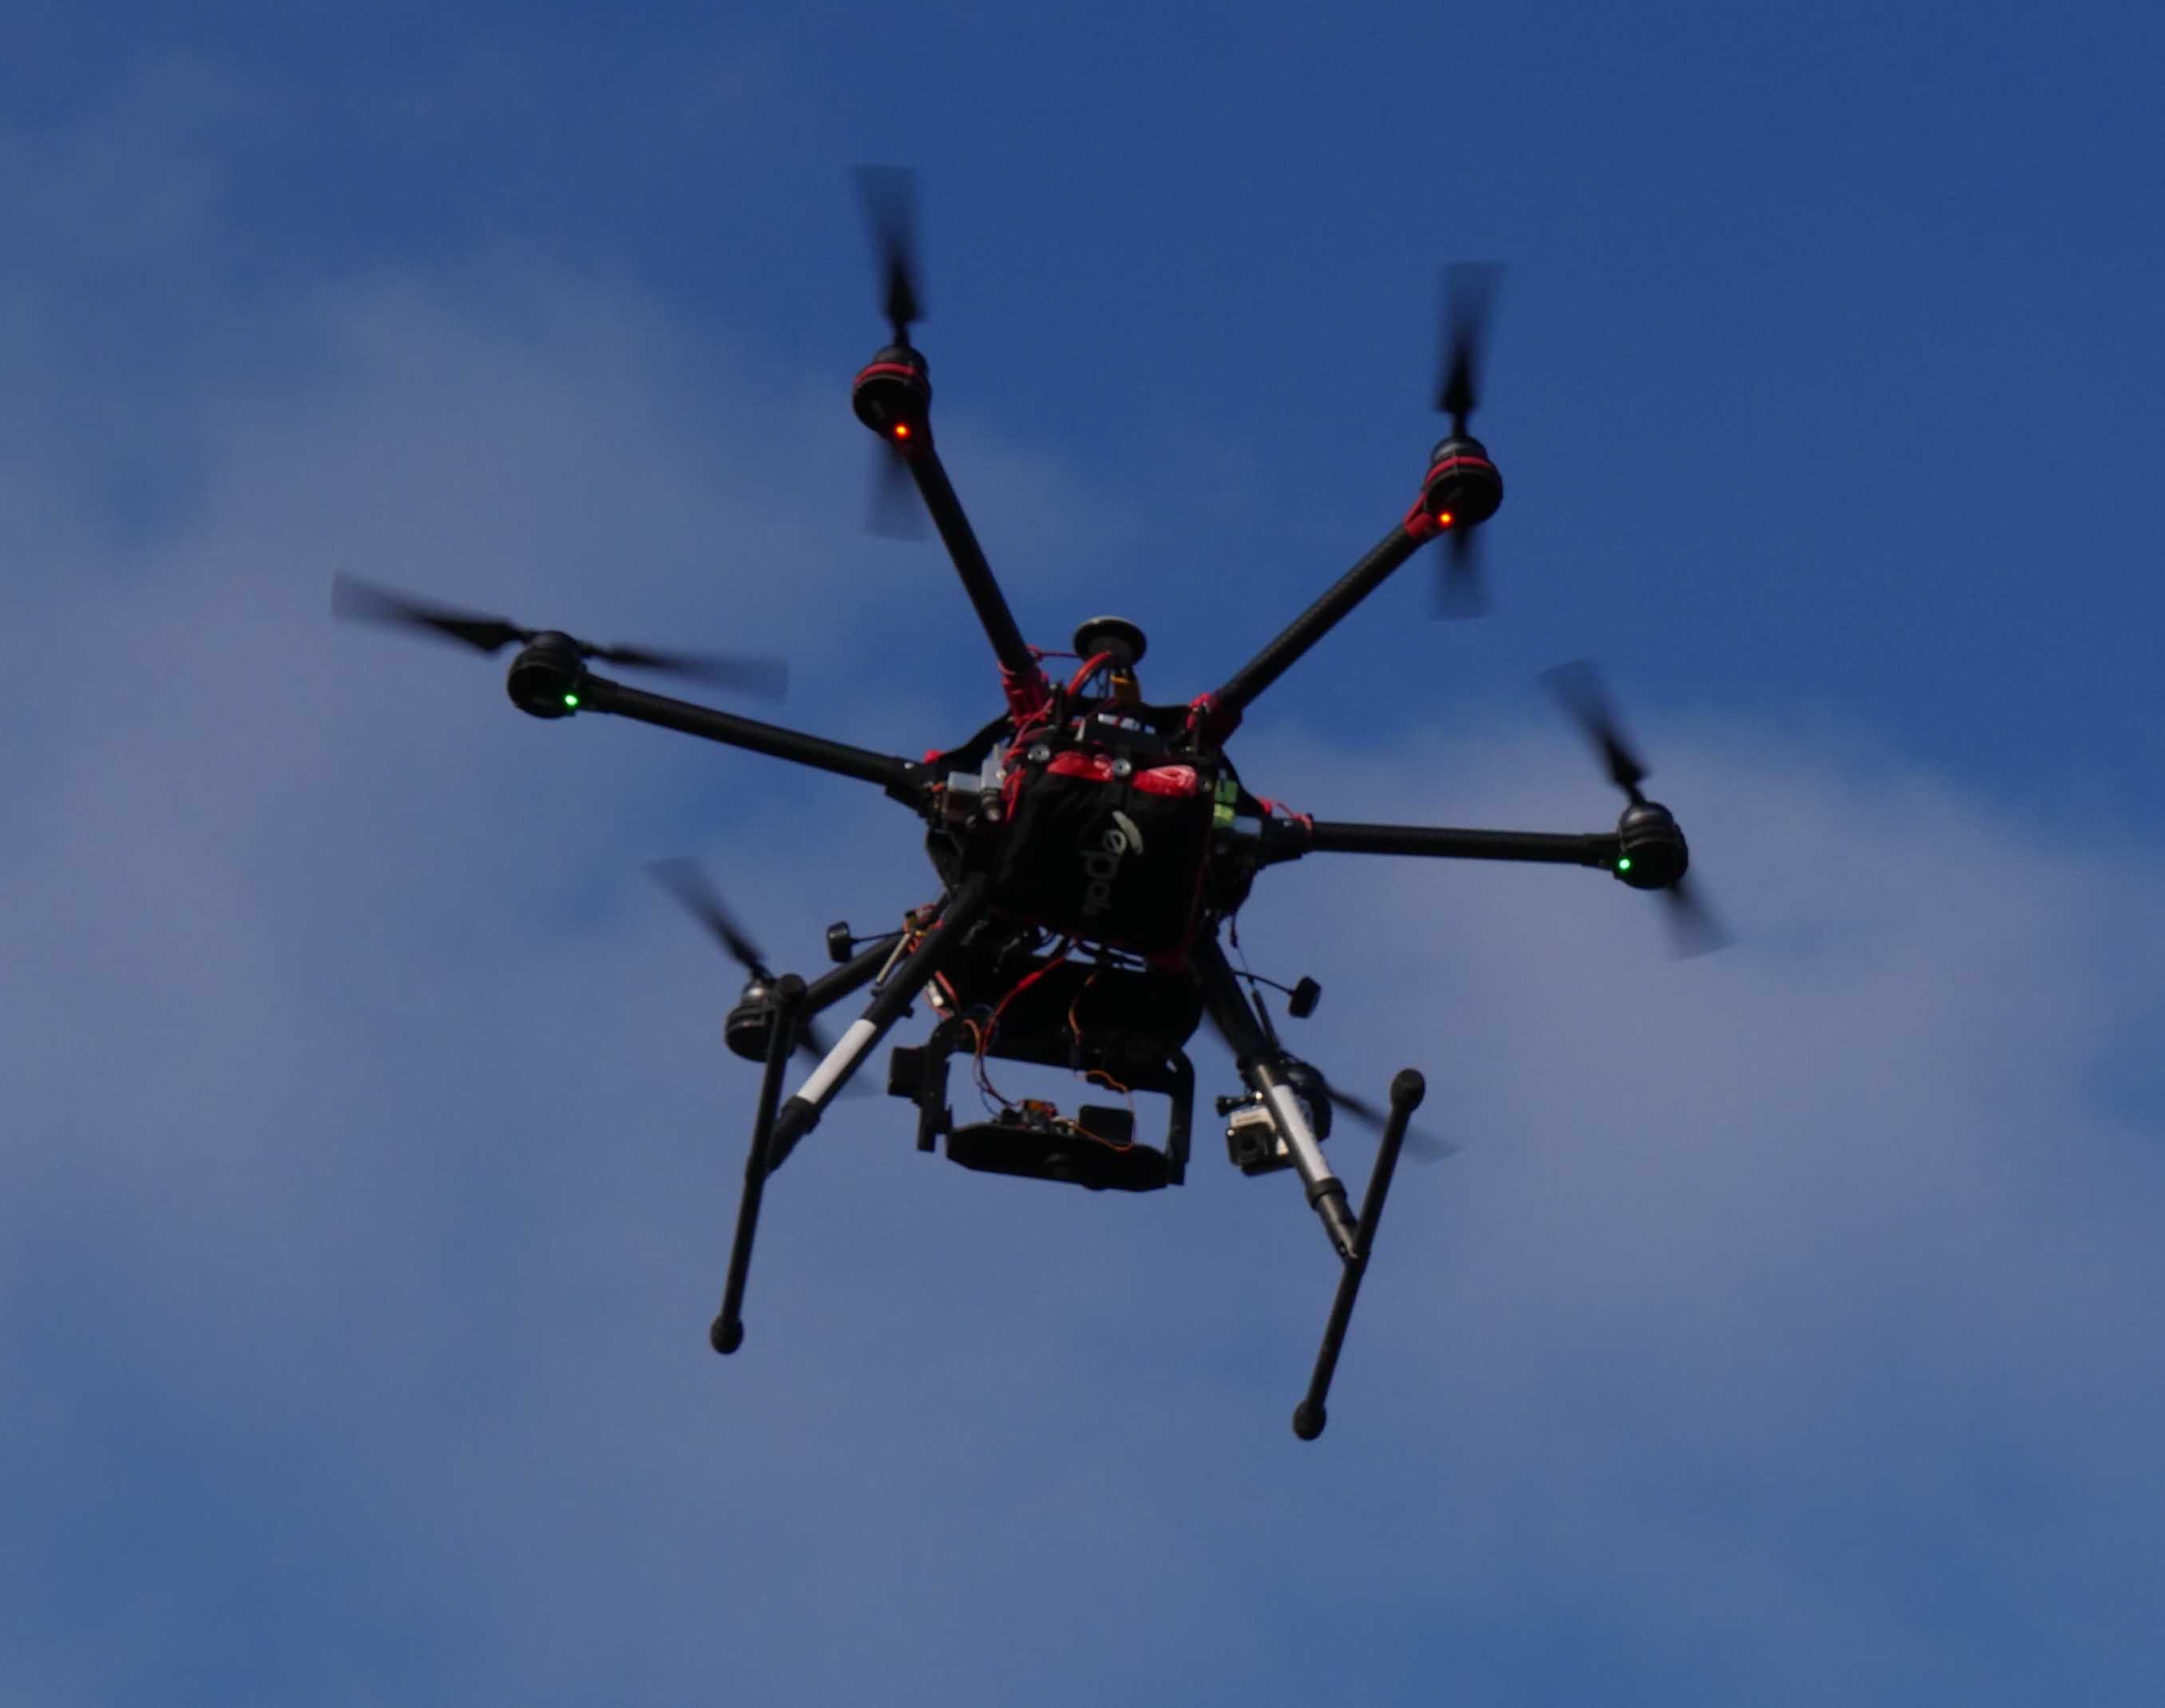 Drone en vol pour une orthophotographie